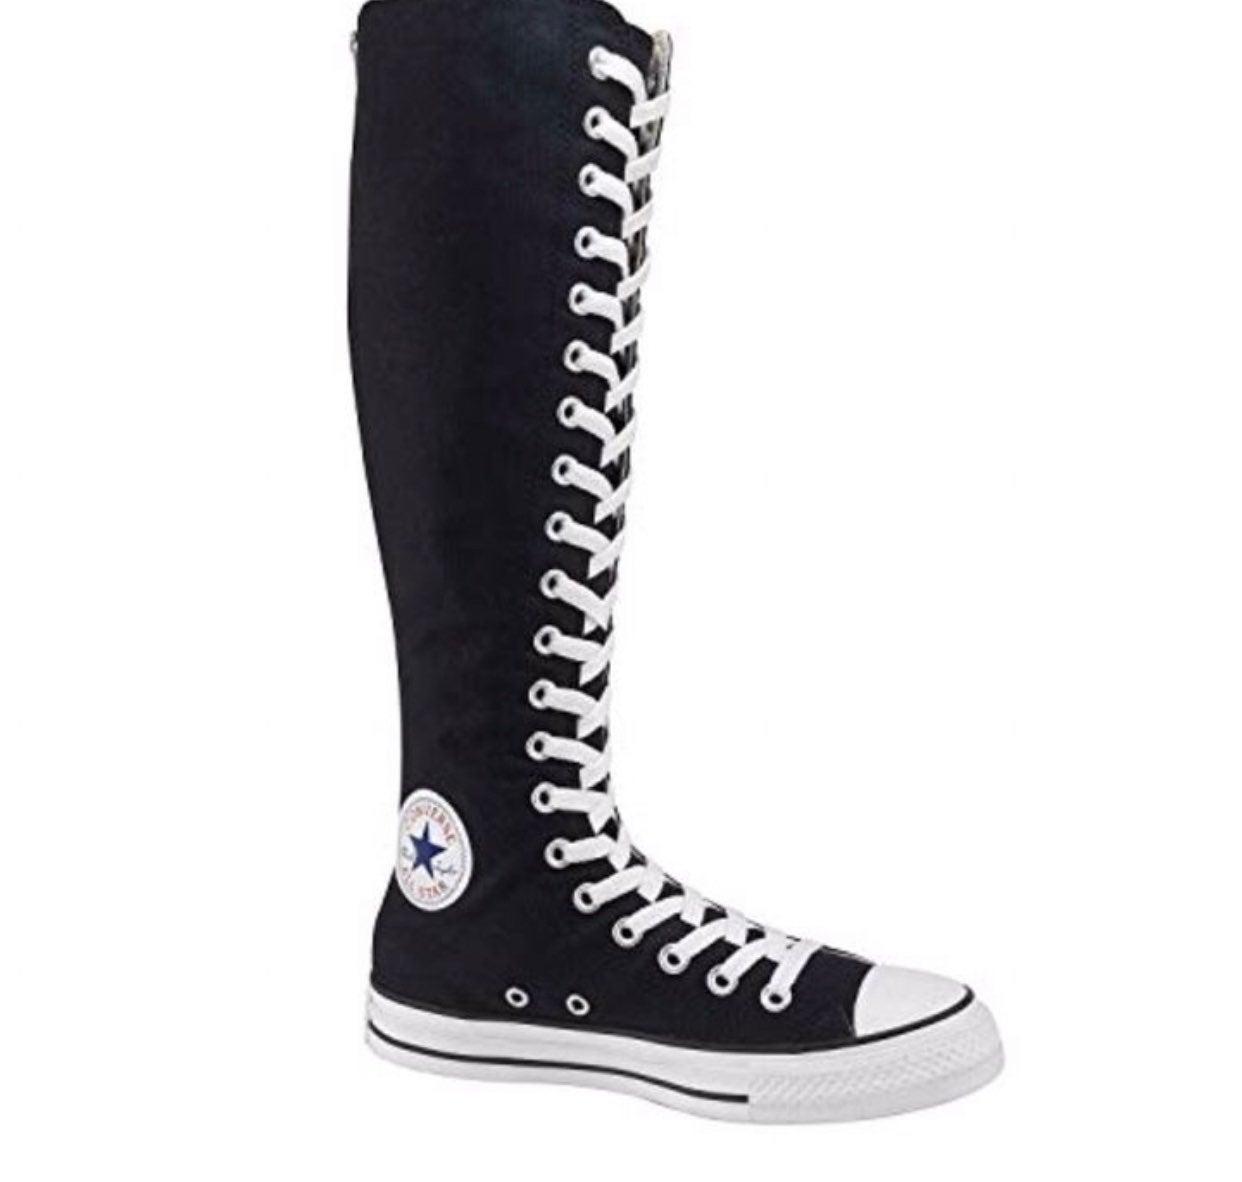 high boots converse